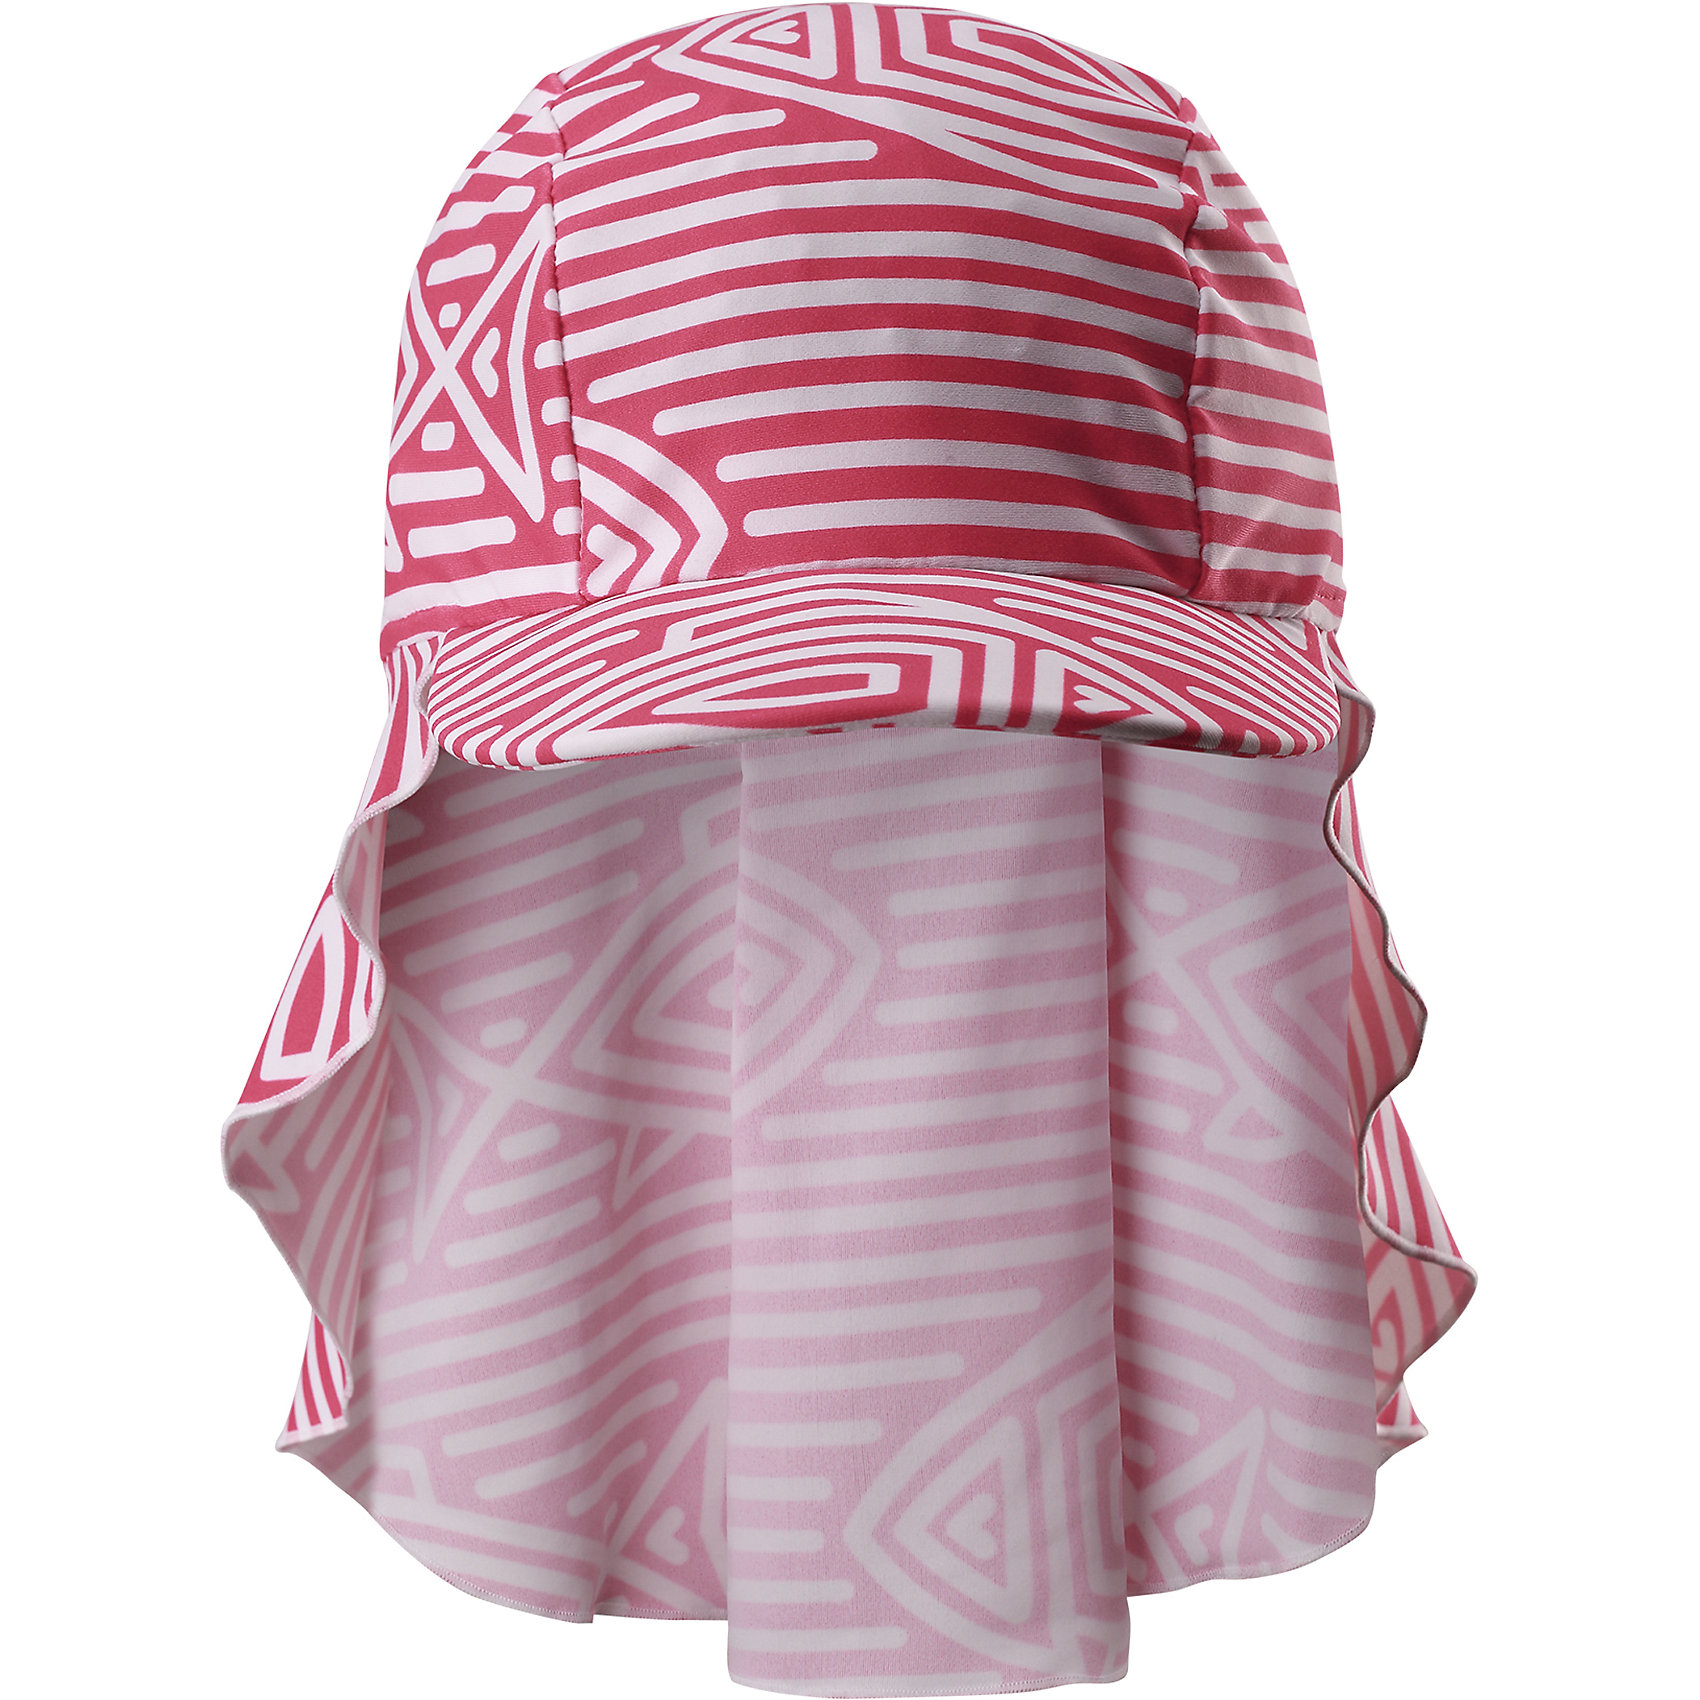 Панама Vesikko для девочки ReimaШапки и шарфы<br>Характеристики товара:<br><br>• цвет: красный/белый<br>• состав: 80% полиамид, 20% эластан<br>• задняя часть удлиненная<br>• фактор защиты от ультрафиолета: 50+<br>• удобный эластичный материал<br>• стильный защитный козырек<br>• защищает от солнца<br>• облегчённая модель без подкладки<br>• эмблема Reima сбоку<br>• страна бренда: Финляндия<br>• страна производства: Китай<br><br>Детский головной убор может быть модным и удобным одновременно! Стильная панама поможет обеспечить ребенку комфорт и дополнить наряд. Панама удобно сидит и аккуратно выглядит. Проста в уходе, долго служит. Стильный дизайн разрабатывался специально для детей. Отличная защита от солнца!<br><br>Уход:<br><br>• стирать по отдельности, вывернув наизнанку<br>• полоскать без специального средства<br>• сушить при низкой температуре.<br><br>Панаму от финского бренда Reima (Рейма) можно купить в нашем интернет-магазине.<br><br>Ширина мм: 89<br>Глубина мм: 117<br>Высота мм: 44<br>Вес г: 155<br>Цвет: розовый<br>Возраст от месяцев: 18<br>Возраст до месяцев: 36<br>Пол: Женский<br>Возраст: Детский<br>Размер: 50,46,54<br>SKU: 5270882